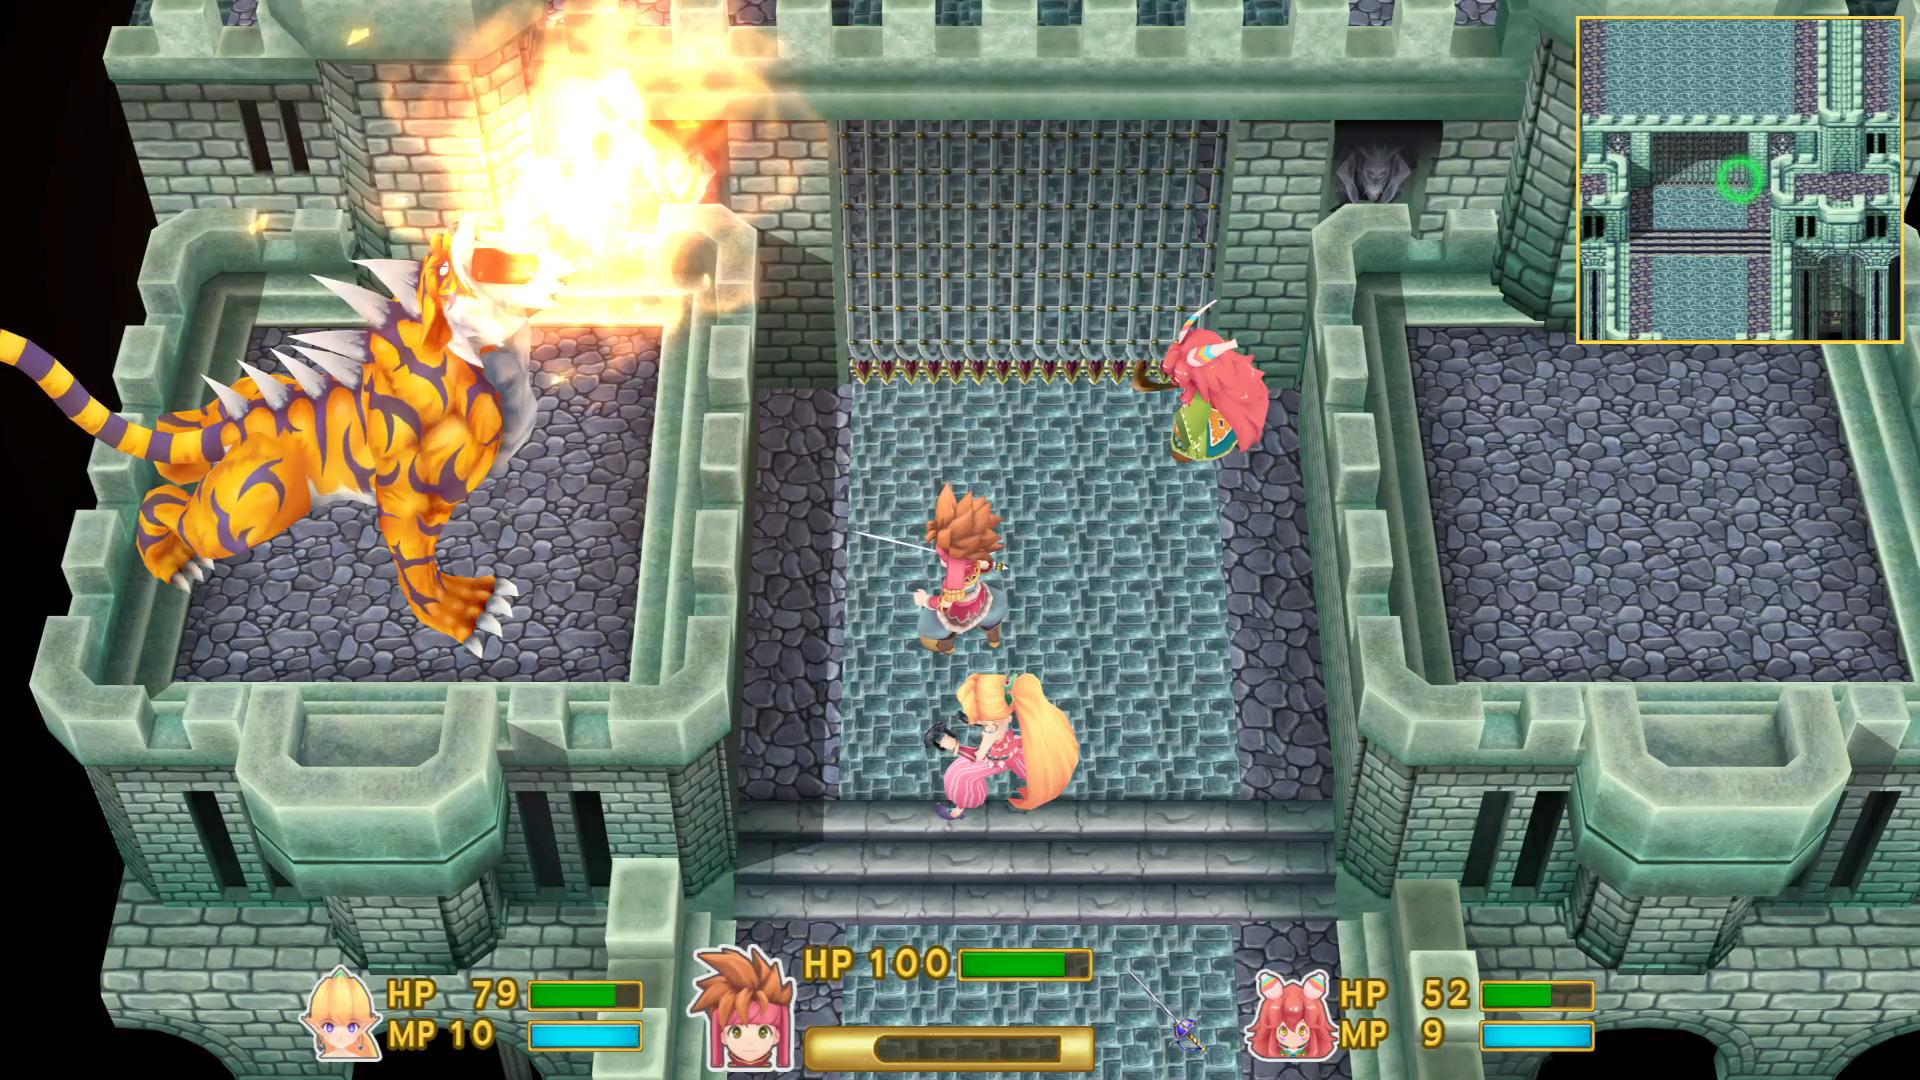 Secret of Mana combat contre un boss